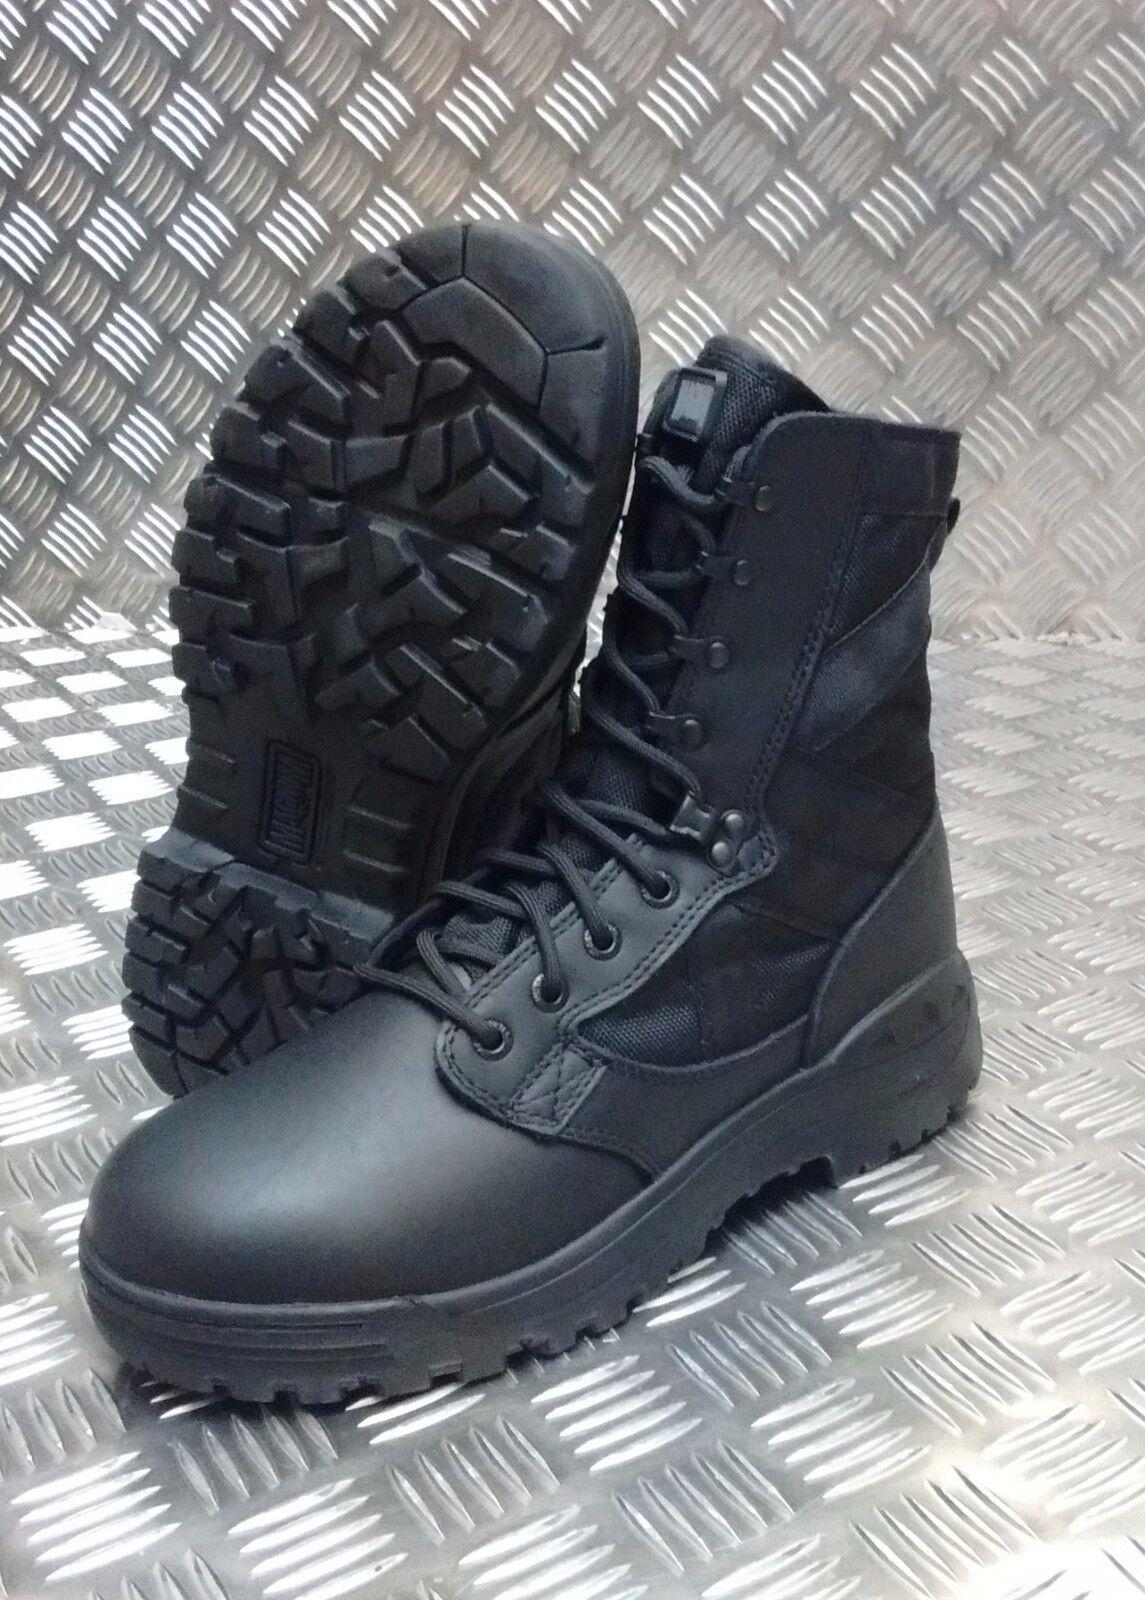 Genuino Ejército Británico Negro Magnum Assault botas De Combate Patrulla 3 5 6 de Amazon